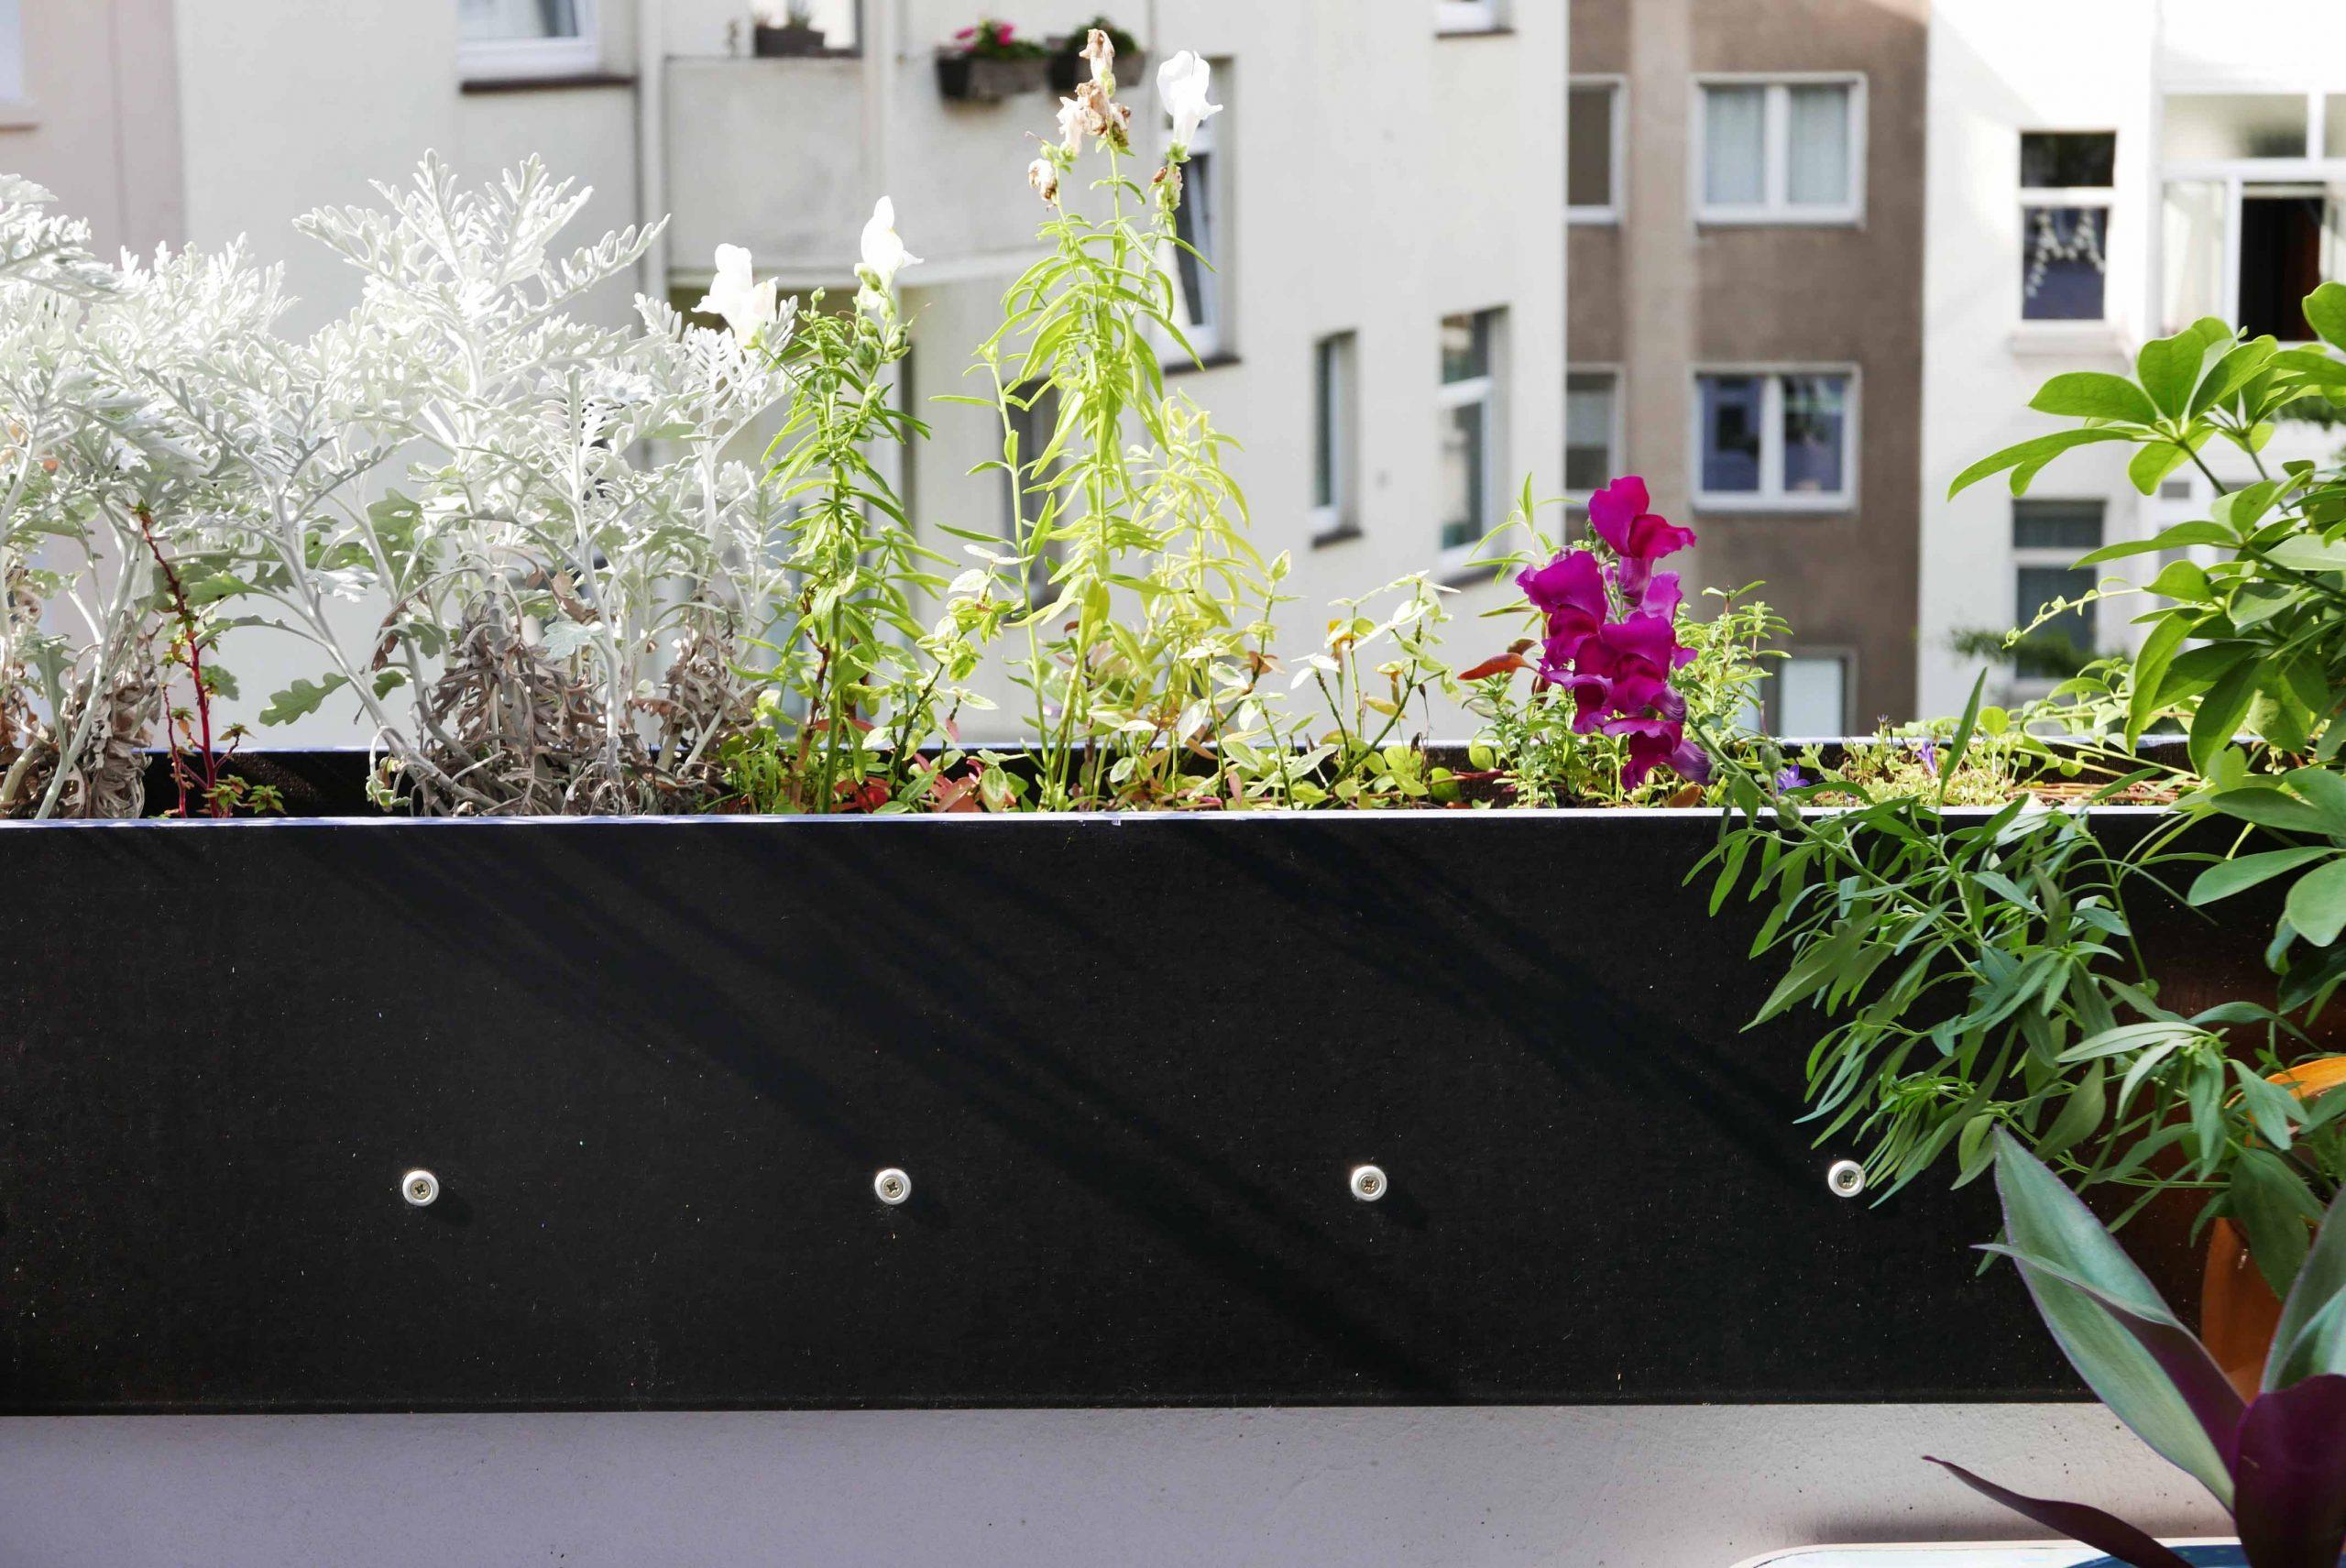 Erhöhung des Balkongeländes als Blumenkasten aus Siebdruckplatten